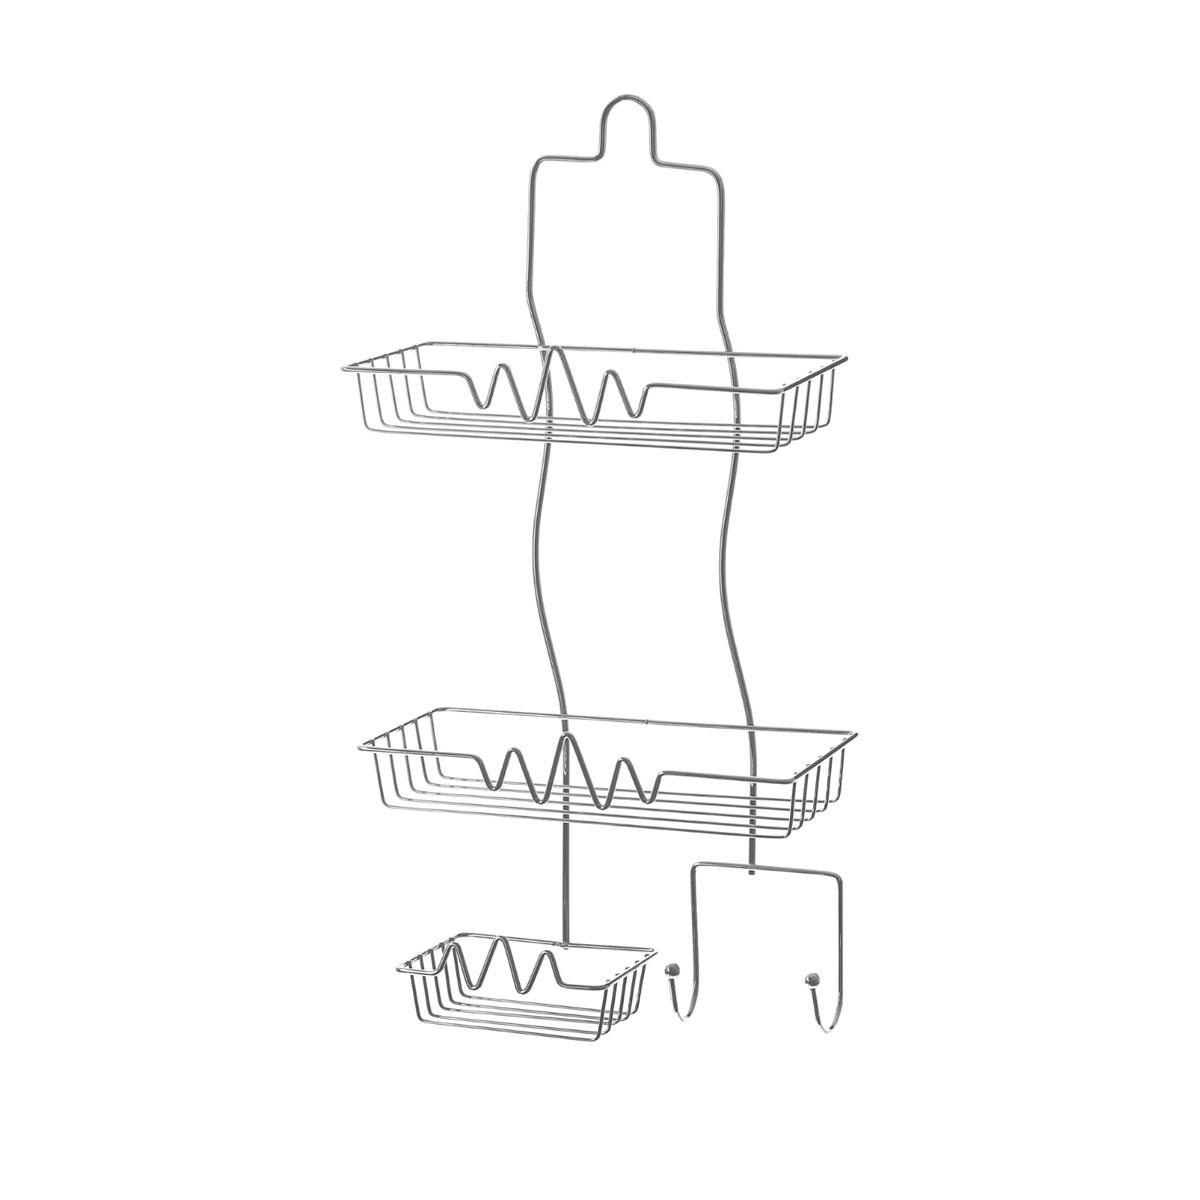 Полка Доляна, 2-х ярусная, с мыльницей, высота 53 см853678Полка Доляна выполнена из высококачественного металла и предназначена для хранения вещей в ванной комнате. Полка состоит из 2-х ярусов прямоугольной формы, мыльницы и двух крючков. Она пригодится для хранения различных предметов, которые всегда будут под рукой. Благодаря компактным размерам полка впишется в интерьер вашего дома и позволит вам удобно и практично хранить предметы домашнего обихода. Удобная и практичная металлическая полочка станет незаменимым аксессуаром в вашем хозяйстве. Высота полки: 53 см. Размер яруса: 26 см х 11 см. Расстояние между ярусами: 21 см. Размер мыльницы: 13 см х 9 см.